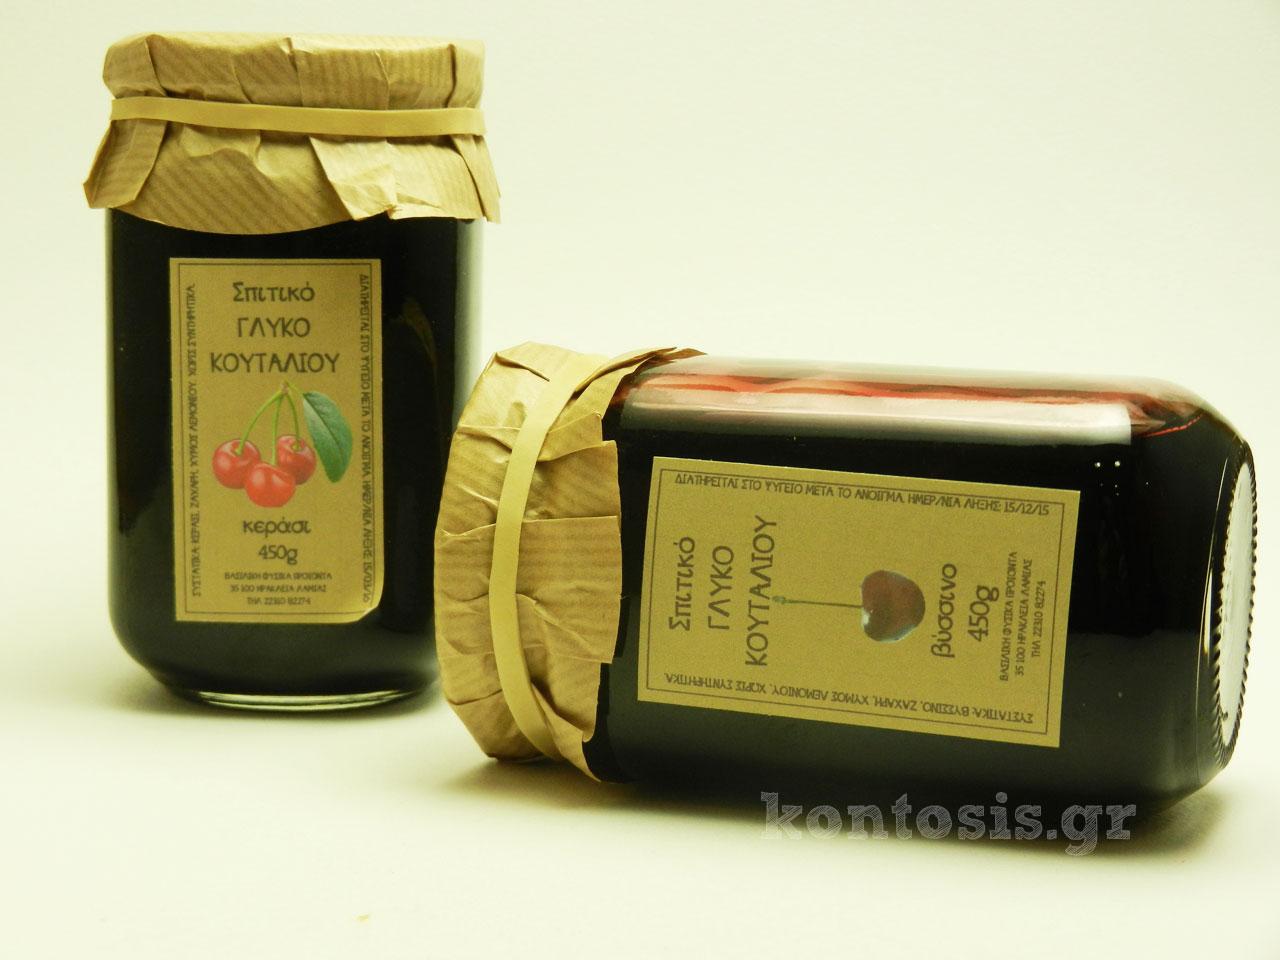 Σπιτικά γλυκά του κουταλιού βύσσινο και κεράσι